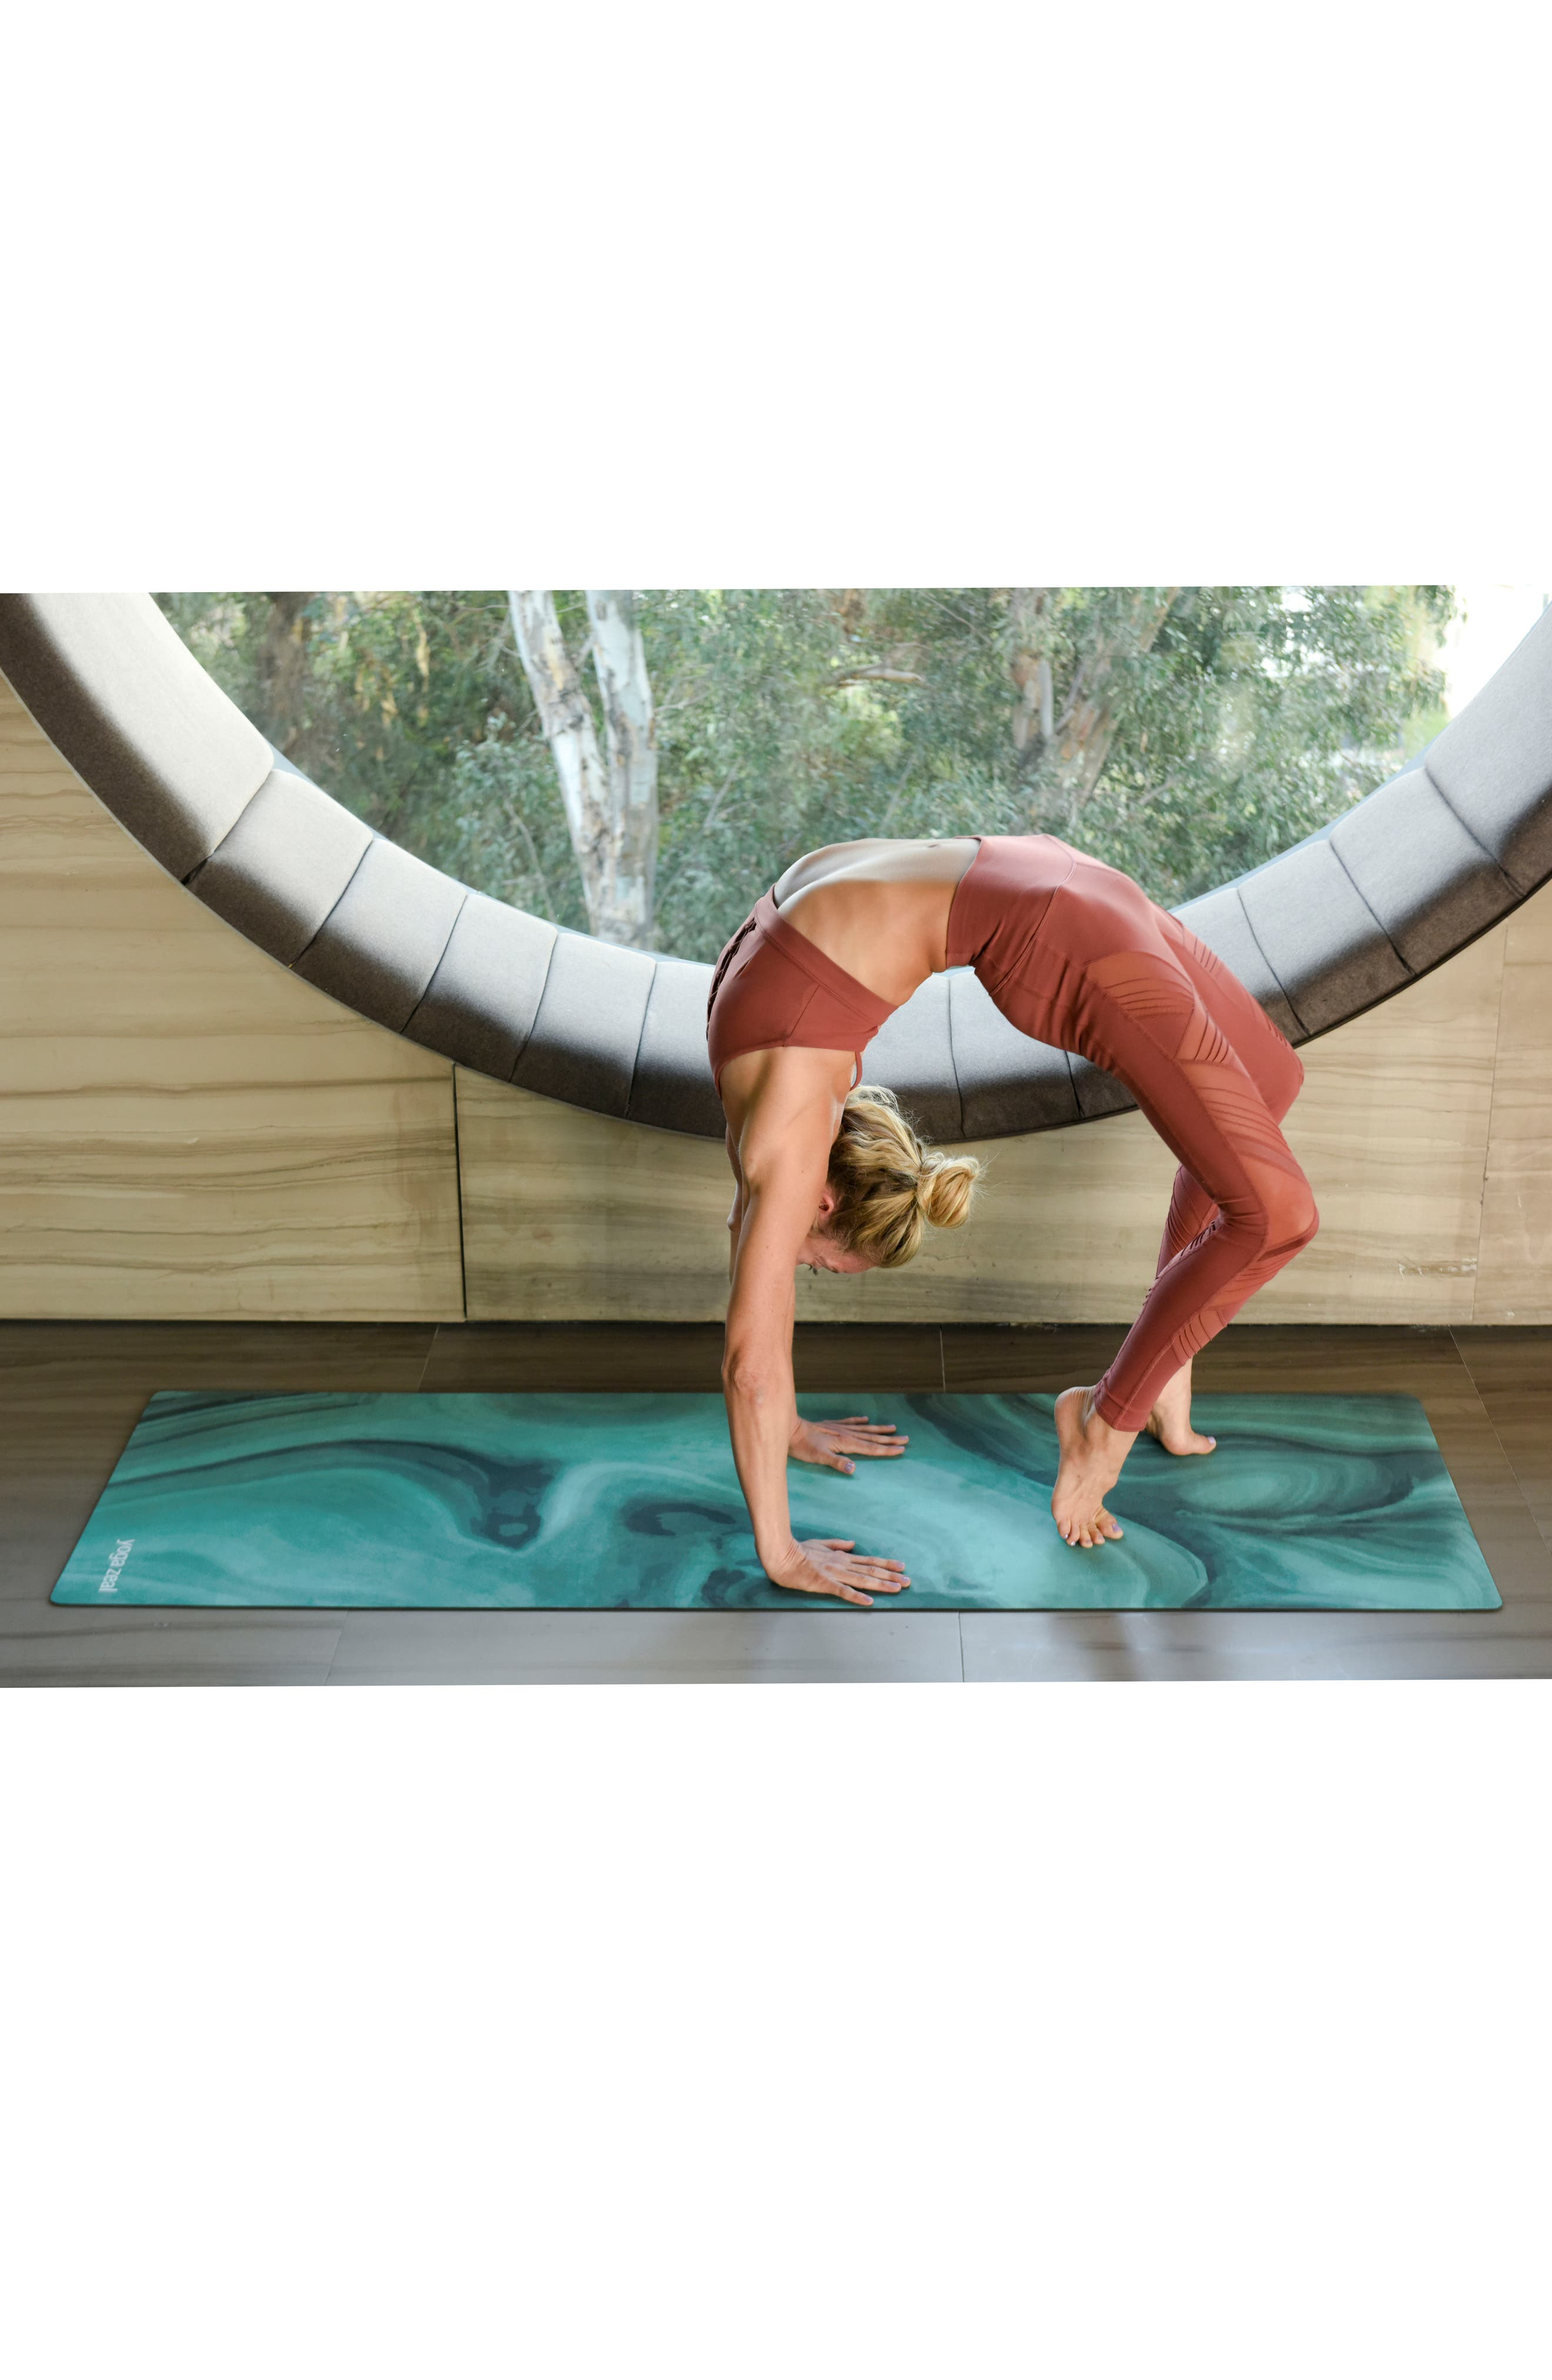 Malachite Print Yoga Mat,                             Alternate thumbnail 4, color,                             Green